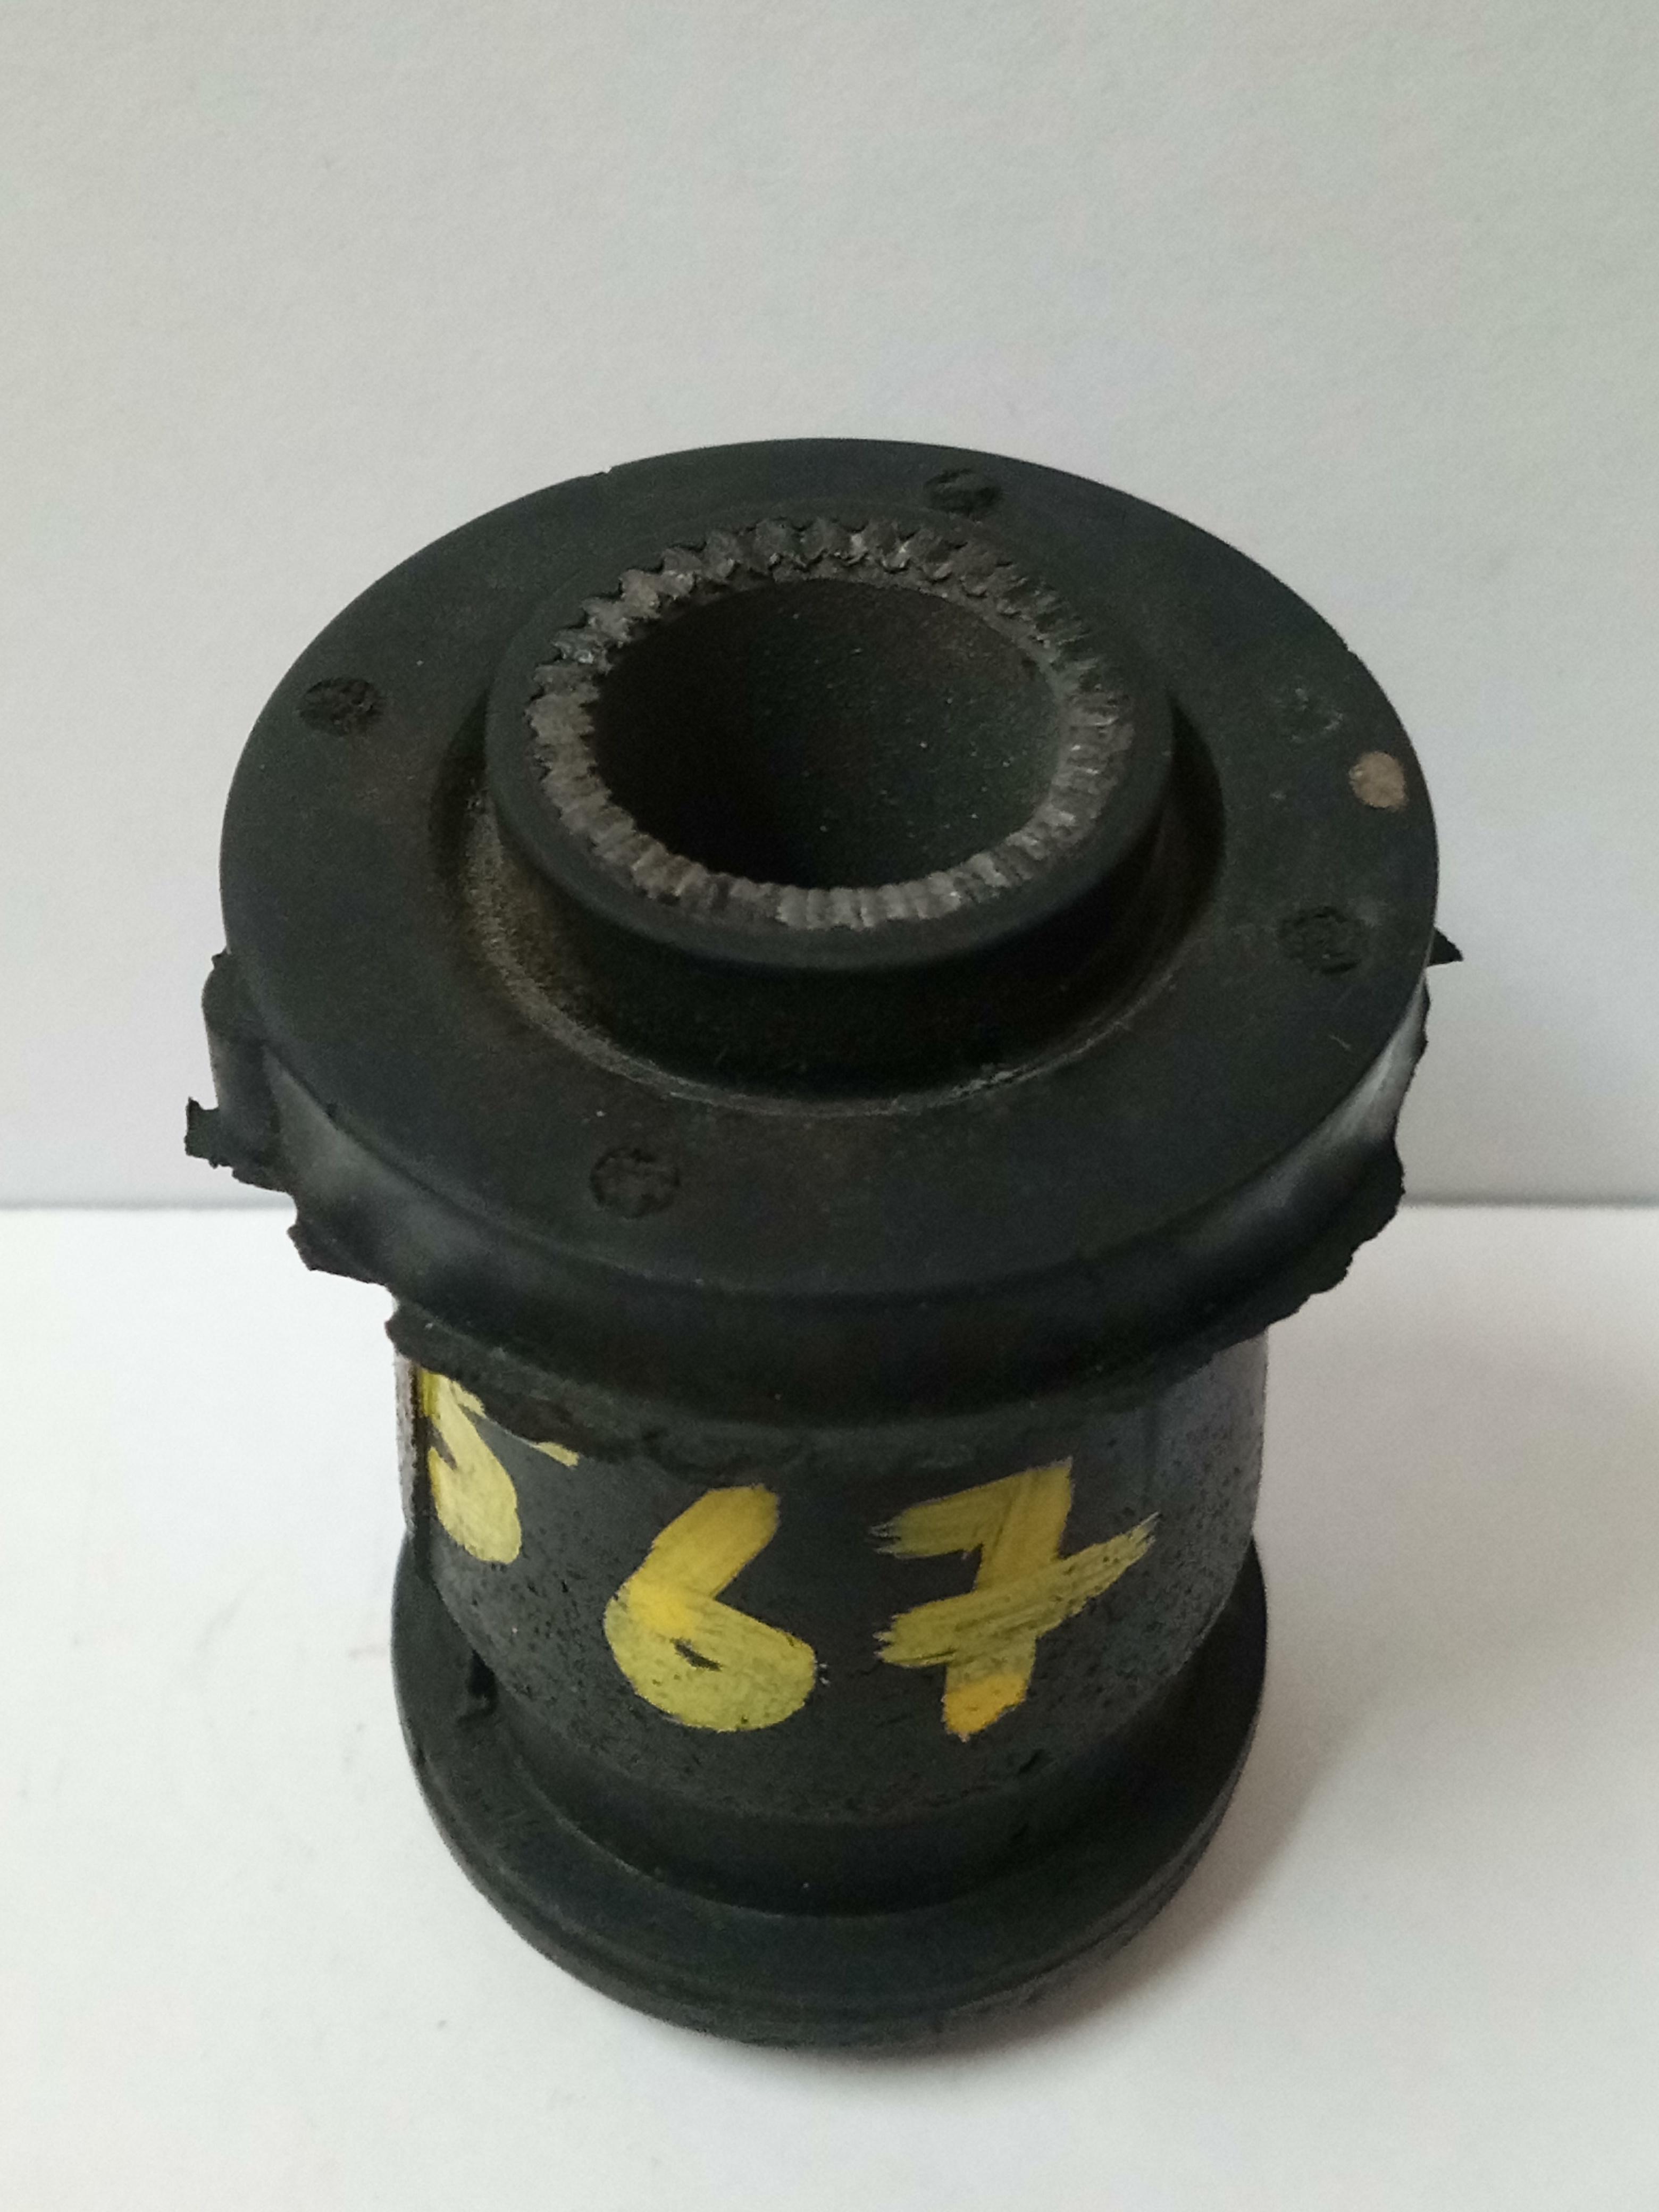 AR7590 BUSH LC TOY CRLLA 7 RUNX 1401 169